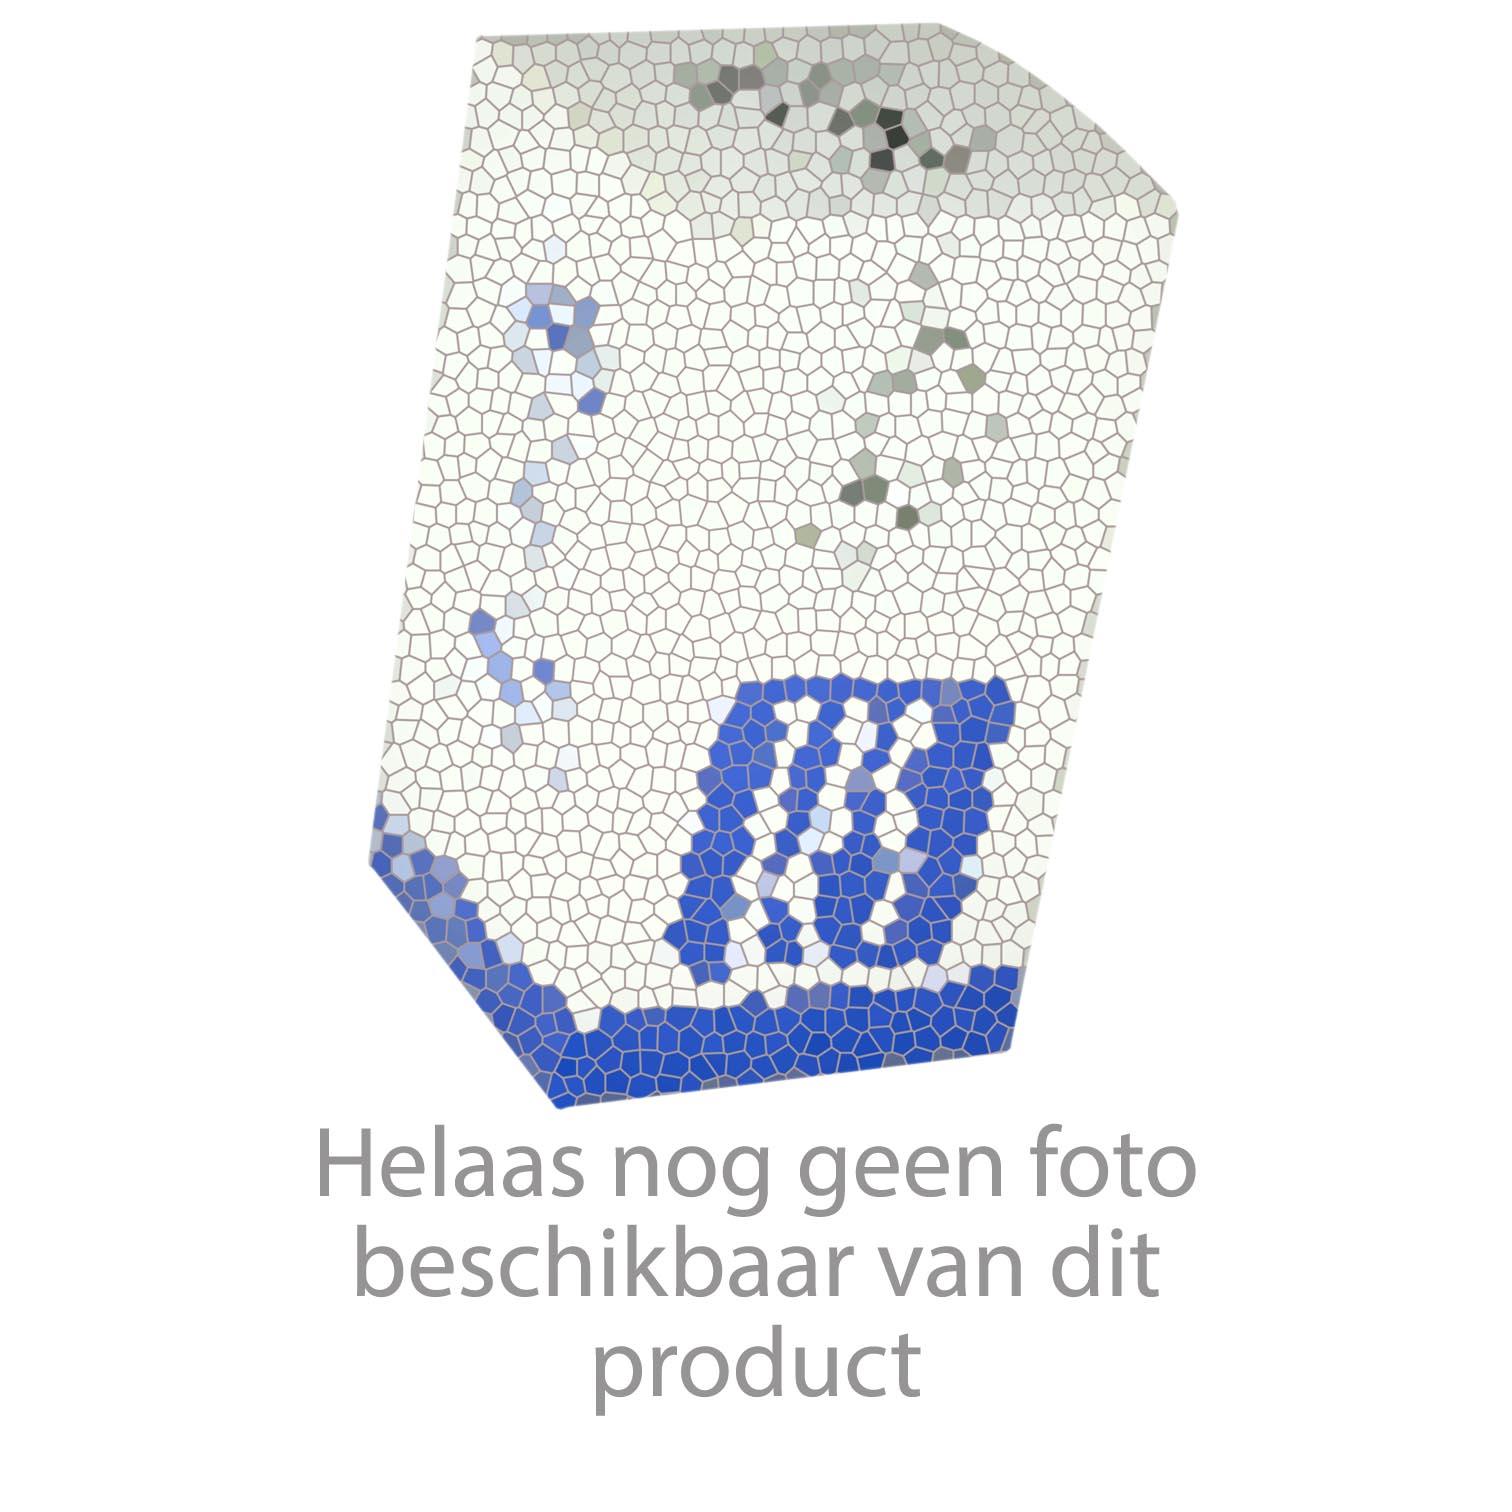 Echtermann ECOSTAR 2-gats wandmodel tussenkraan op mengblok Artikel nummer 1512/02-1250K